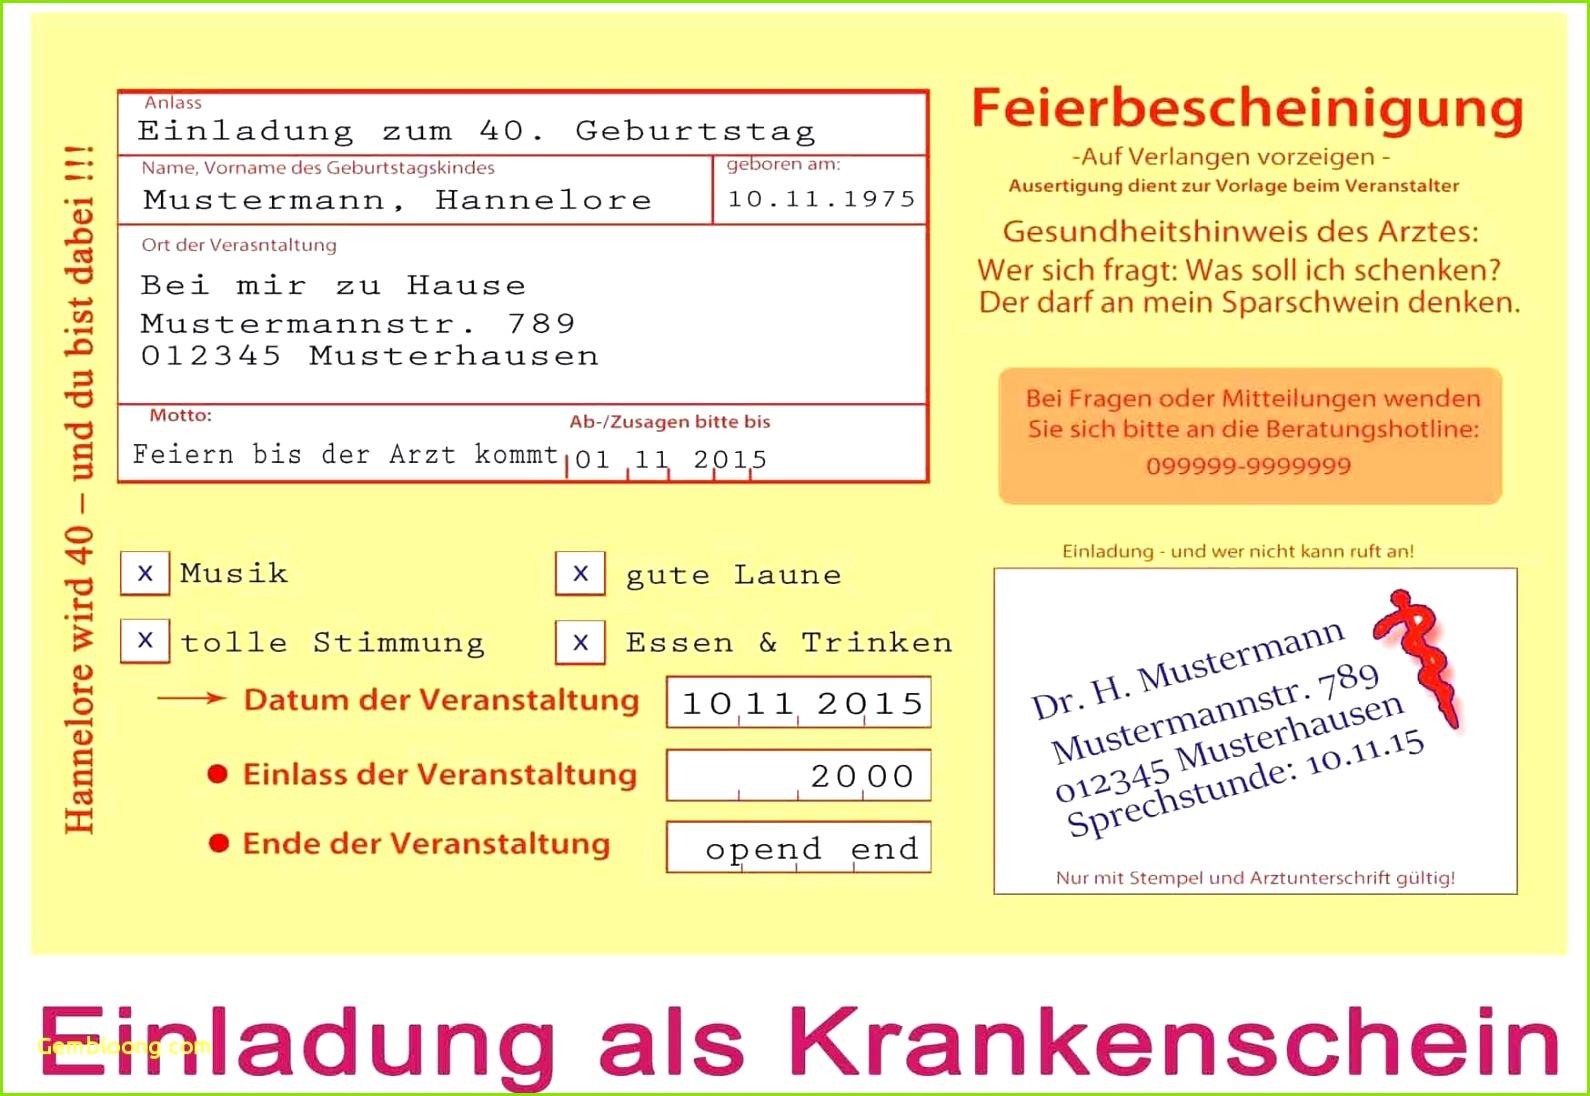 Einladung 18 Geburtstag Vorlage Einladungskarten Vorlagen Geburtstag Vorlagen Einladungen 0d